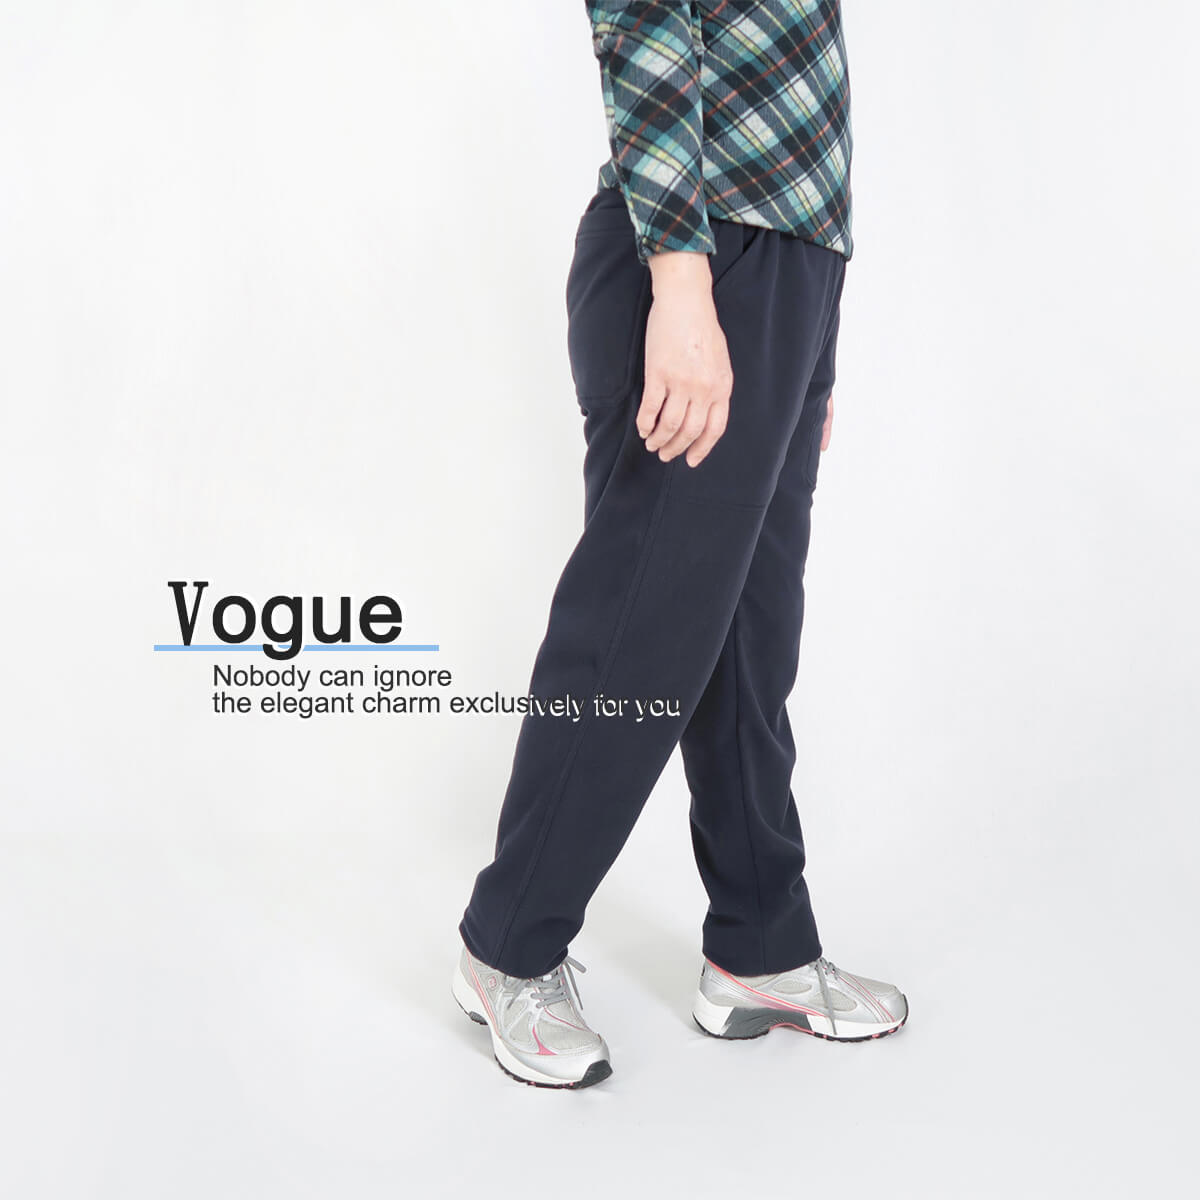 加大尺碼台灣製超細搖粒毛保暖褲 內裡刷毛保暖長褲 保暖棉褲長褲 機能纖維 全腰圍鬆緊帶 一件抵多件 MADE IN TAIWAN WARM FLEECE PANTS FLEECE LINED (020-2805-08)深藍色、(020-2805-19)深咖啡 腰圍M L XL 2L 3L(28~42英吋) 男女可穿 [實體店面保障] sun-e 6